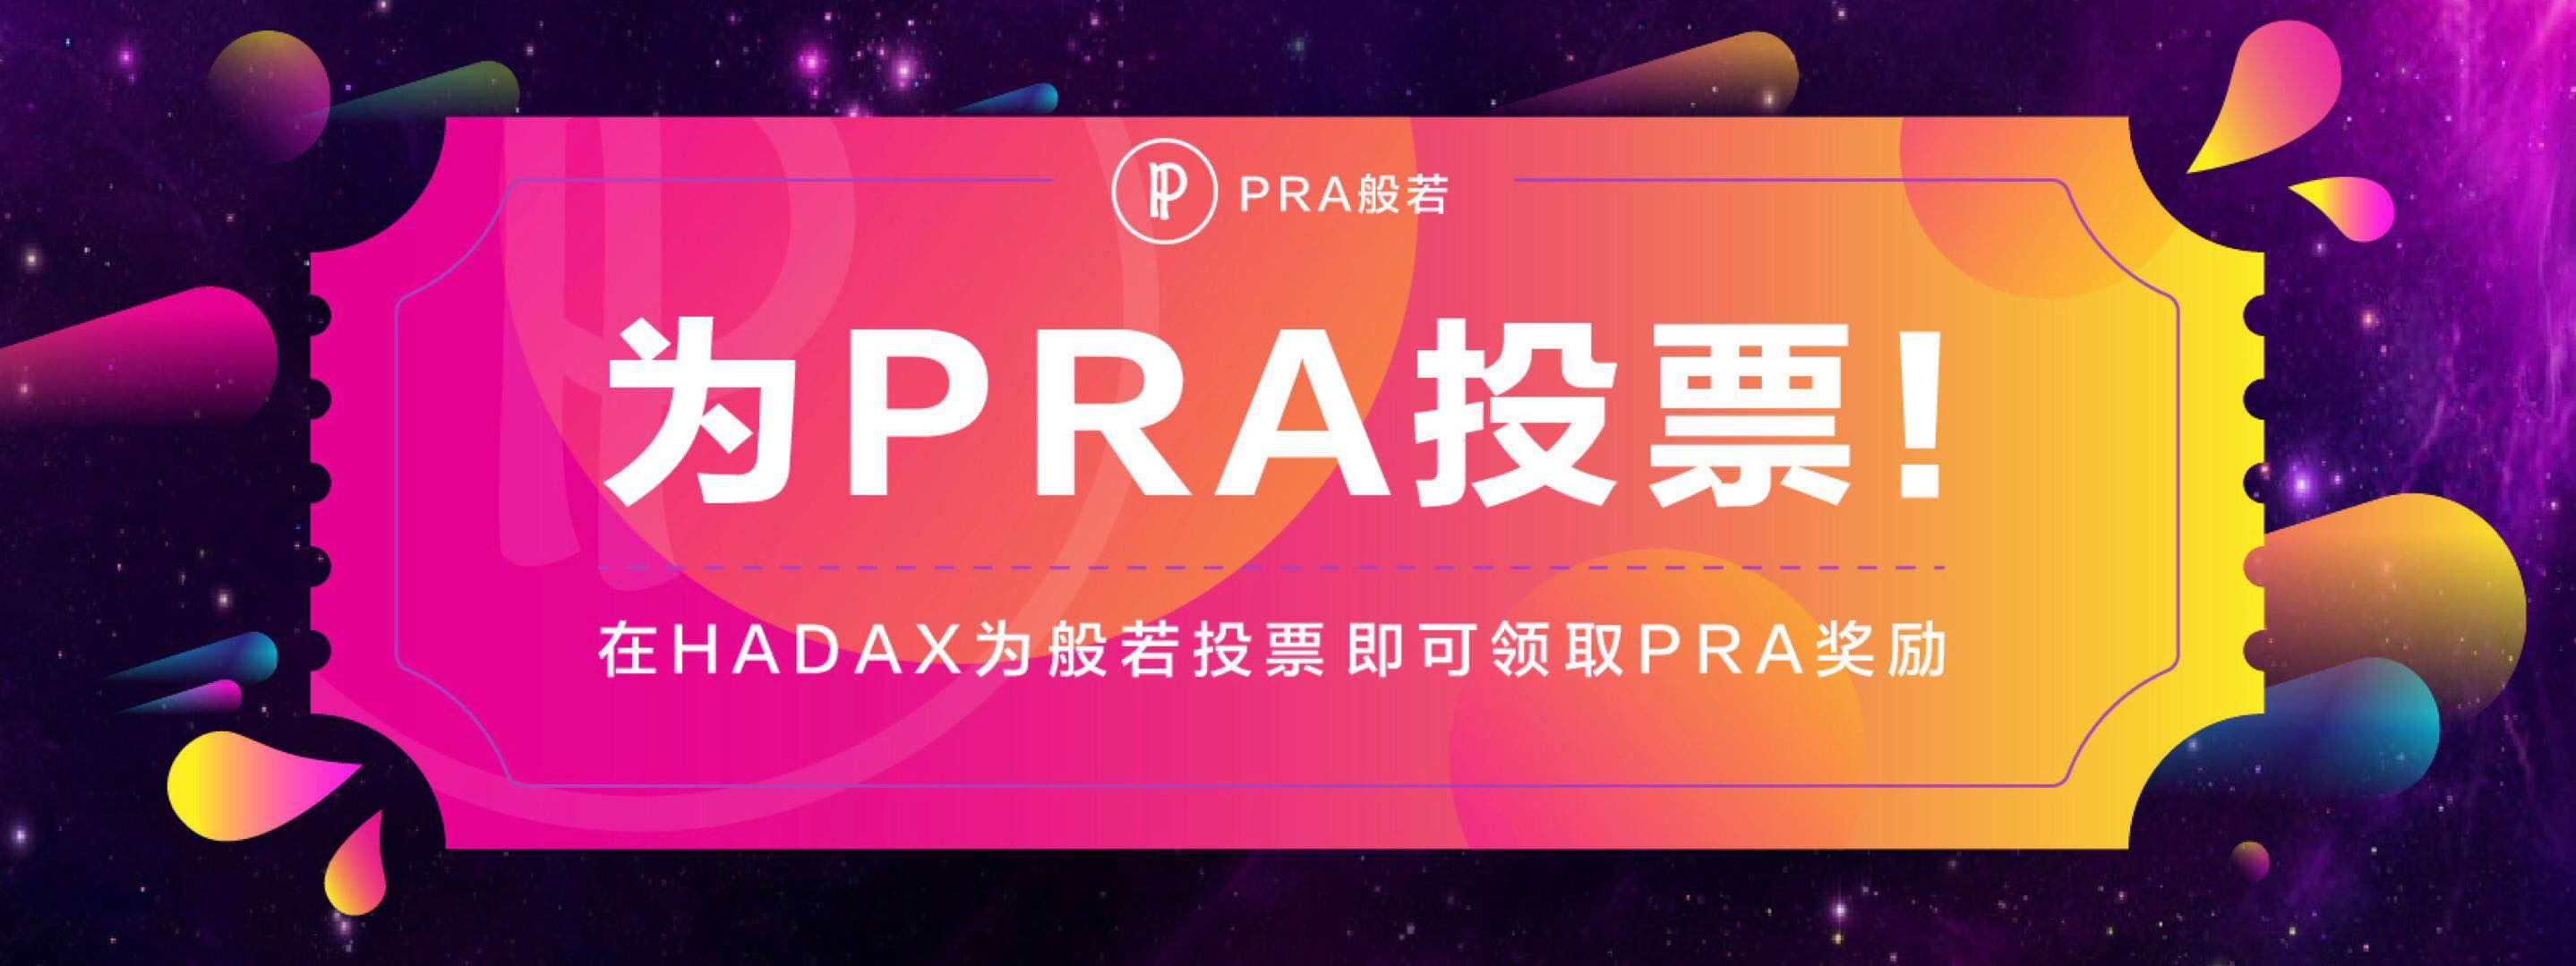 上火币给PRA般若投票就送PRA